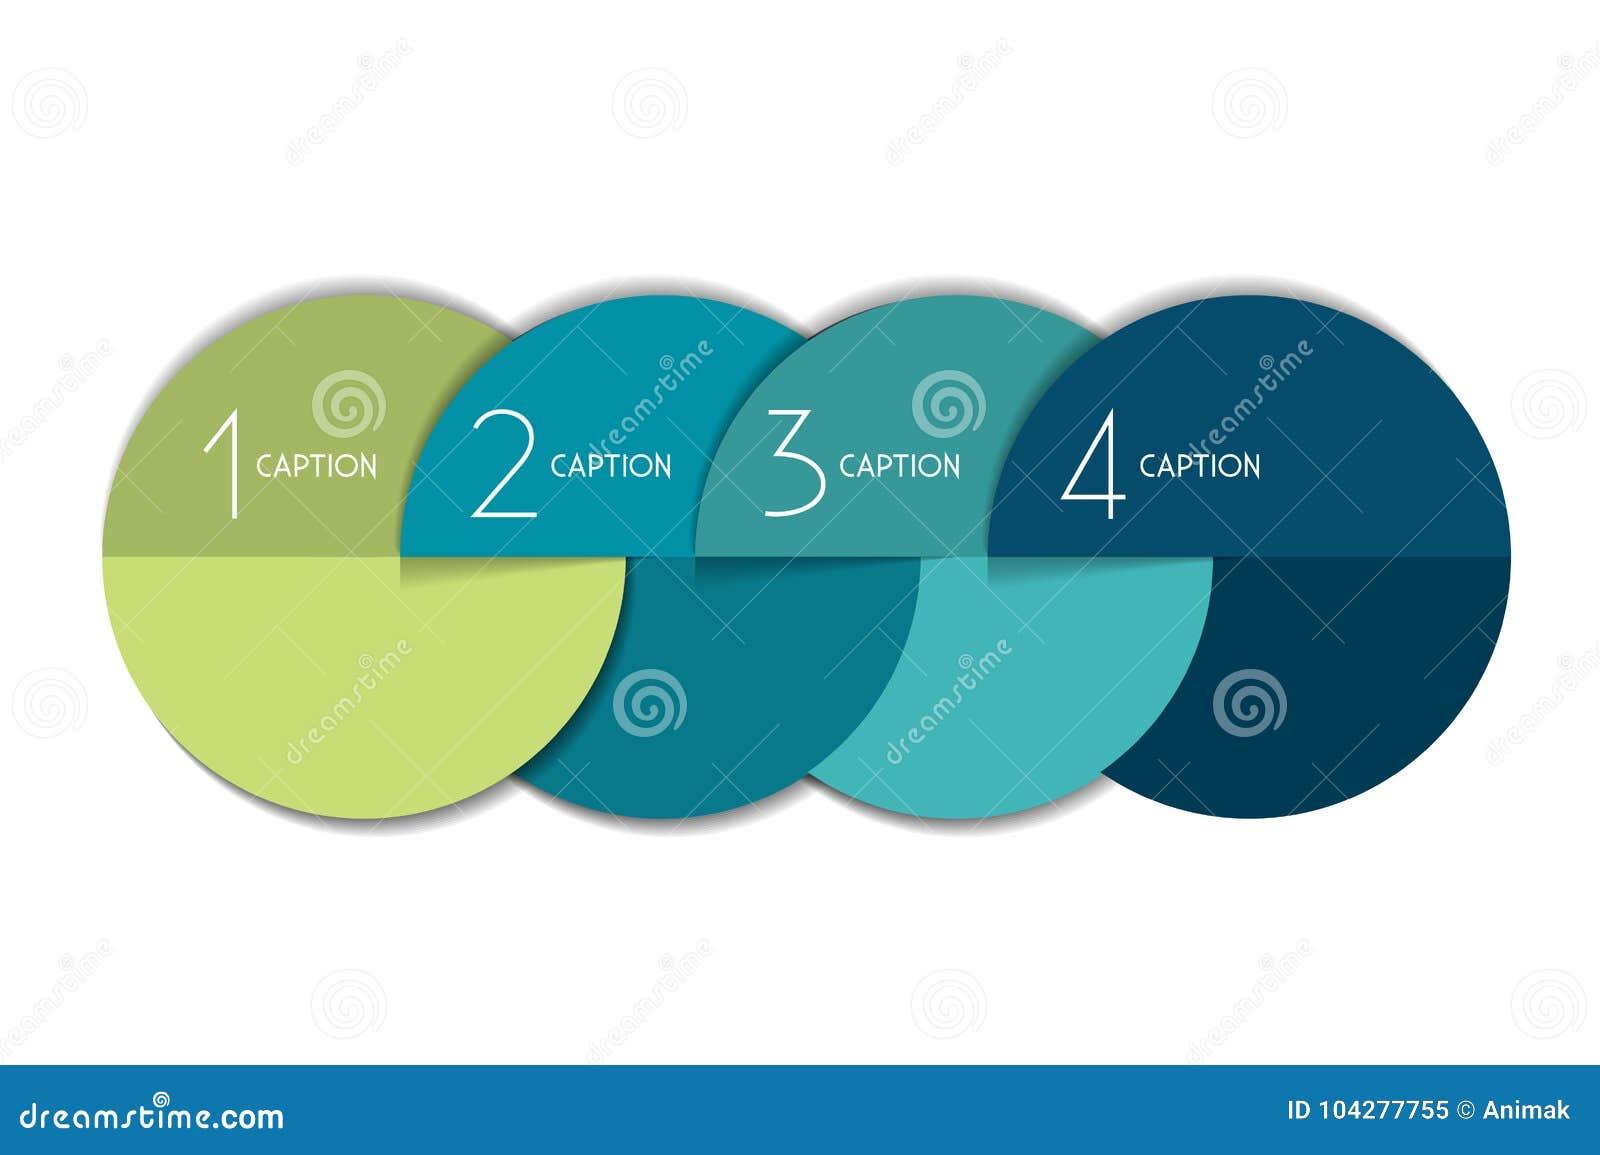 Element-Blasendiagramm mit 4 Schritten, Entwurf, Diagramm, Schablone